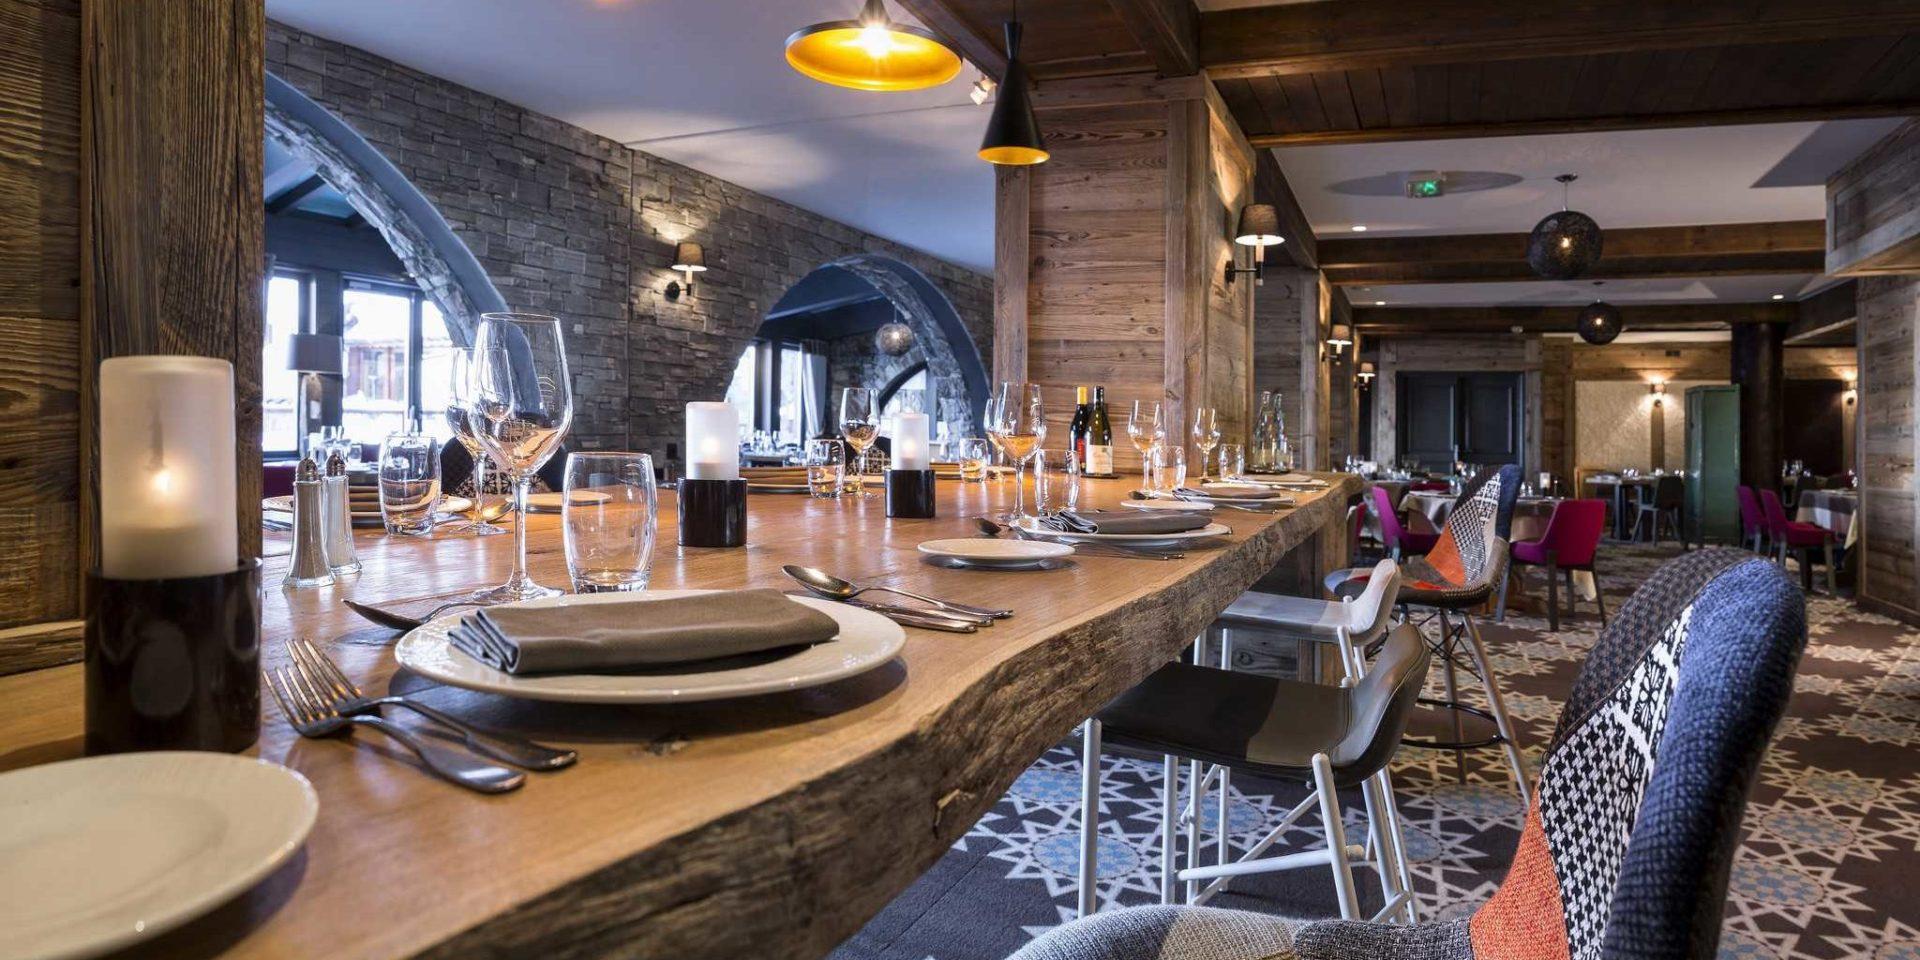 Hotel Village Montana Tignes Tignes-Val d'Isere Frankrijk wintersport skivakantie luxe restaurant Les Chanterelles gedekte tafels boomstam gekleurde stoelen kaarsen glazen patroon vloerbedekking houten wanden half ronde ramen bogen hanglampen